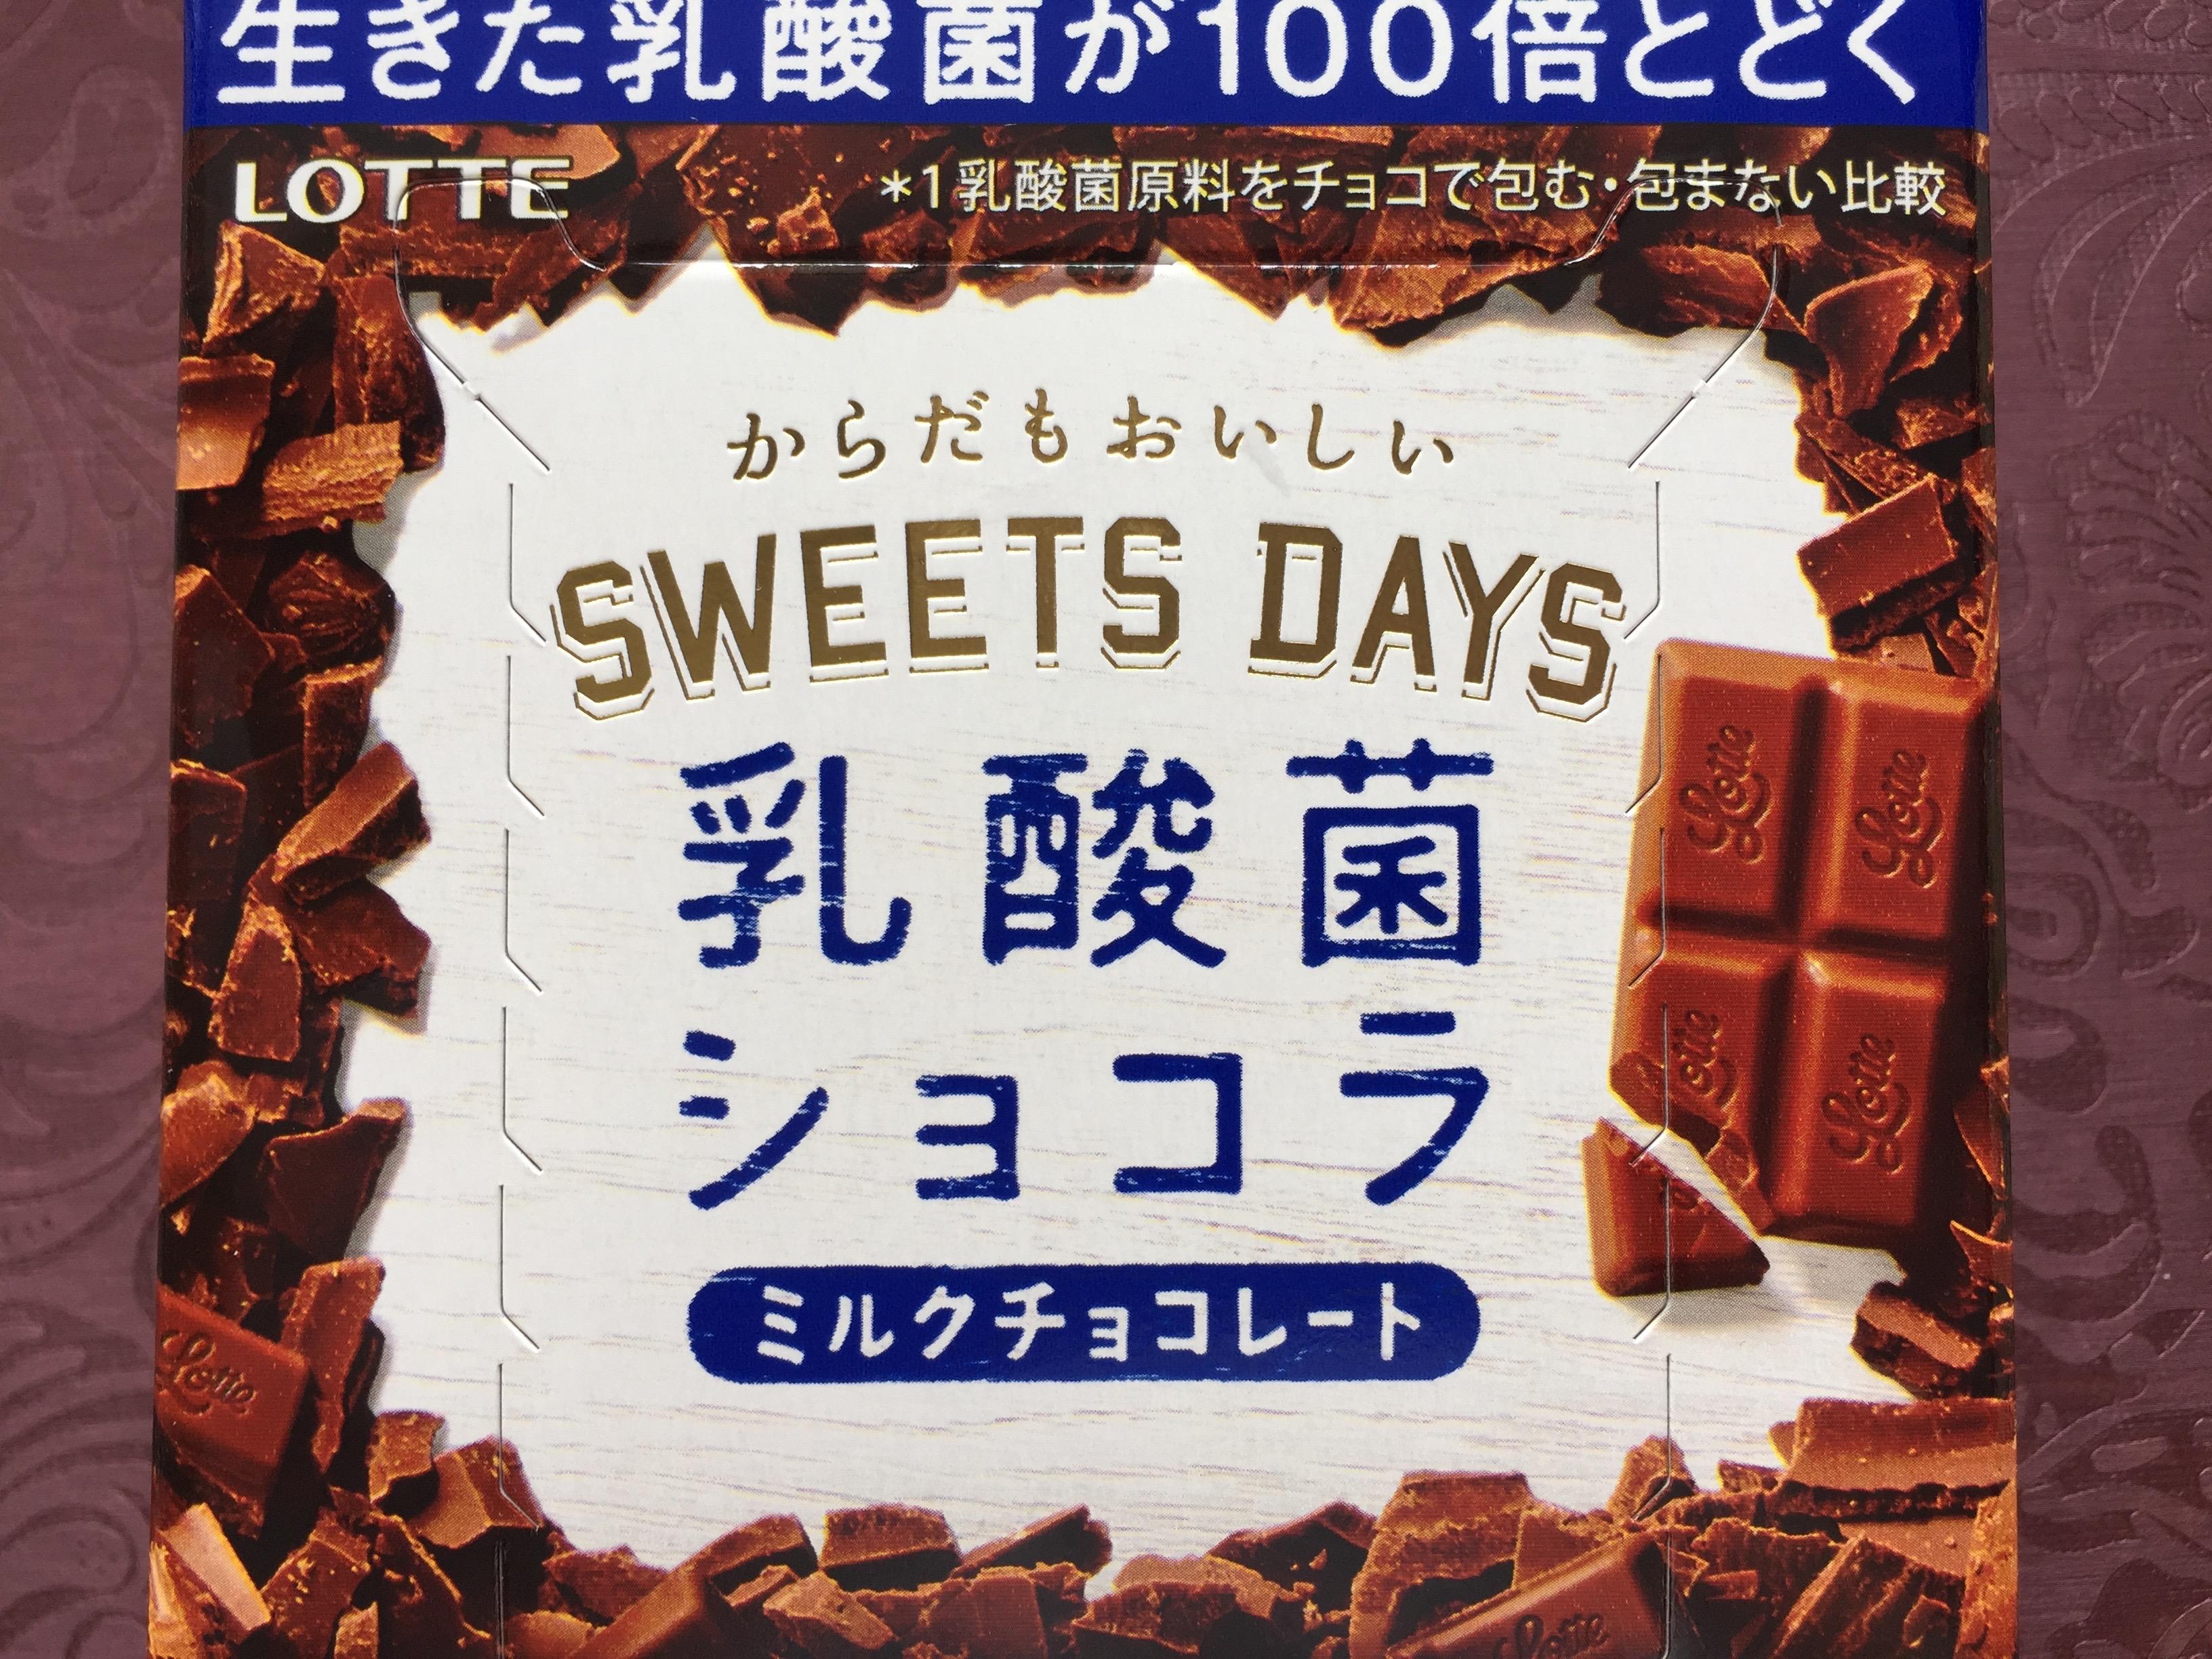 乳酸菌ショコラとビフィズス菌チョコレートの違いと効果は?